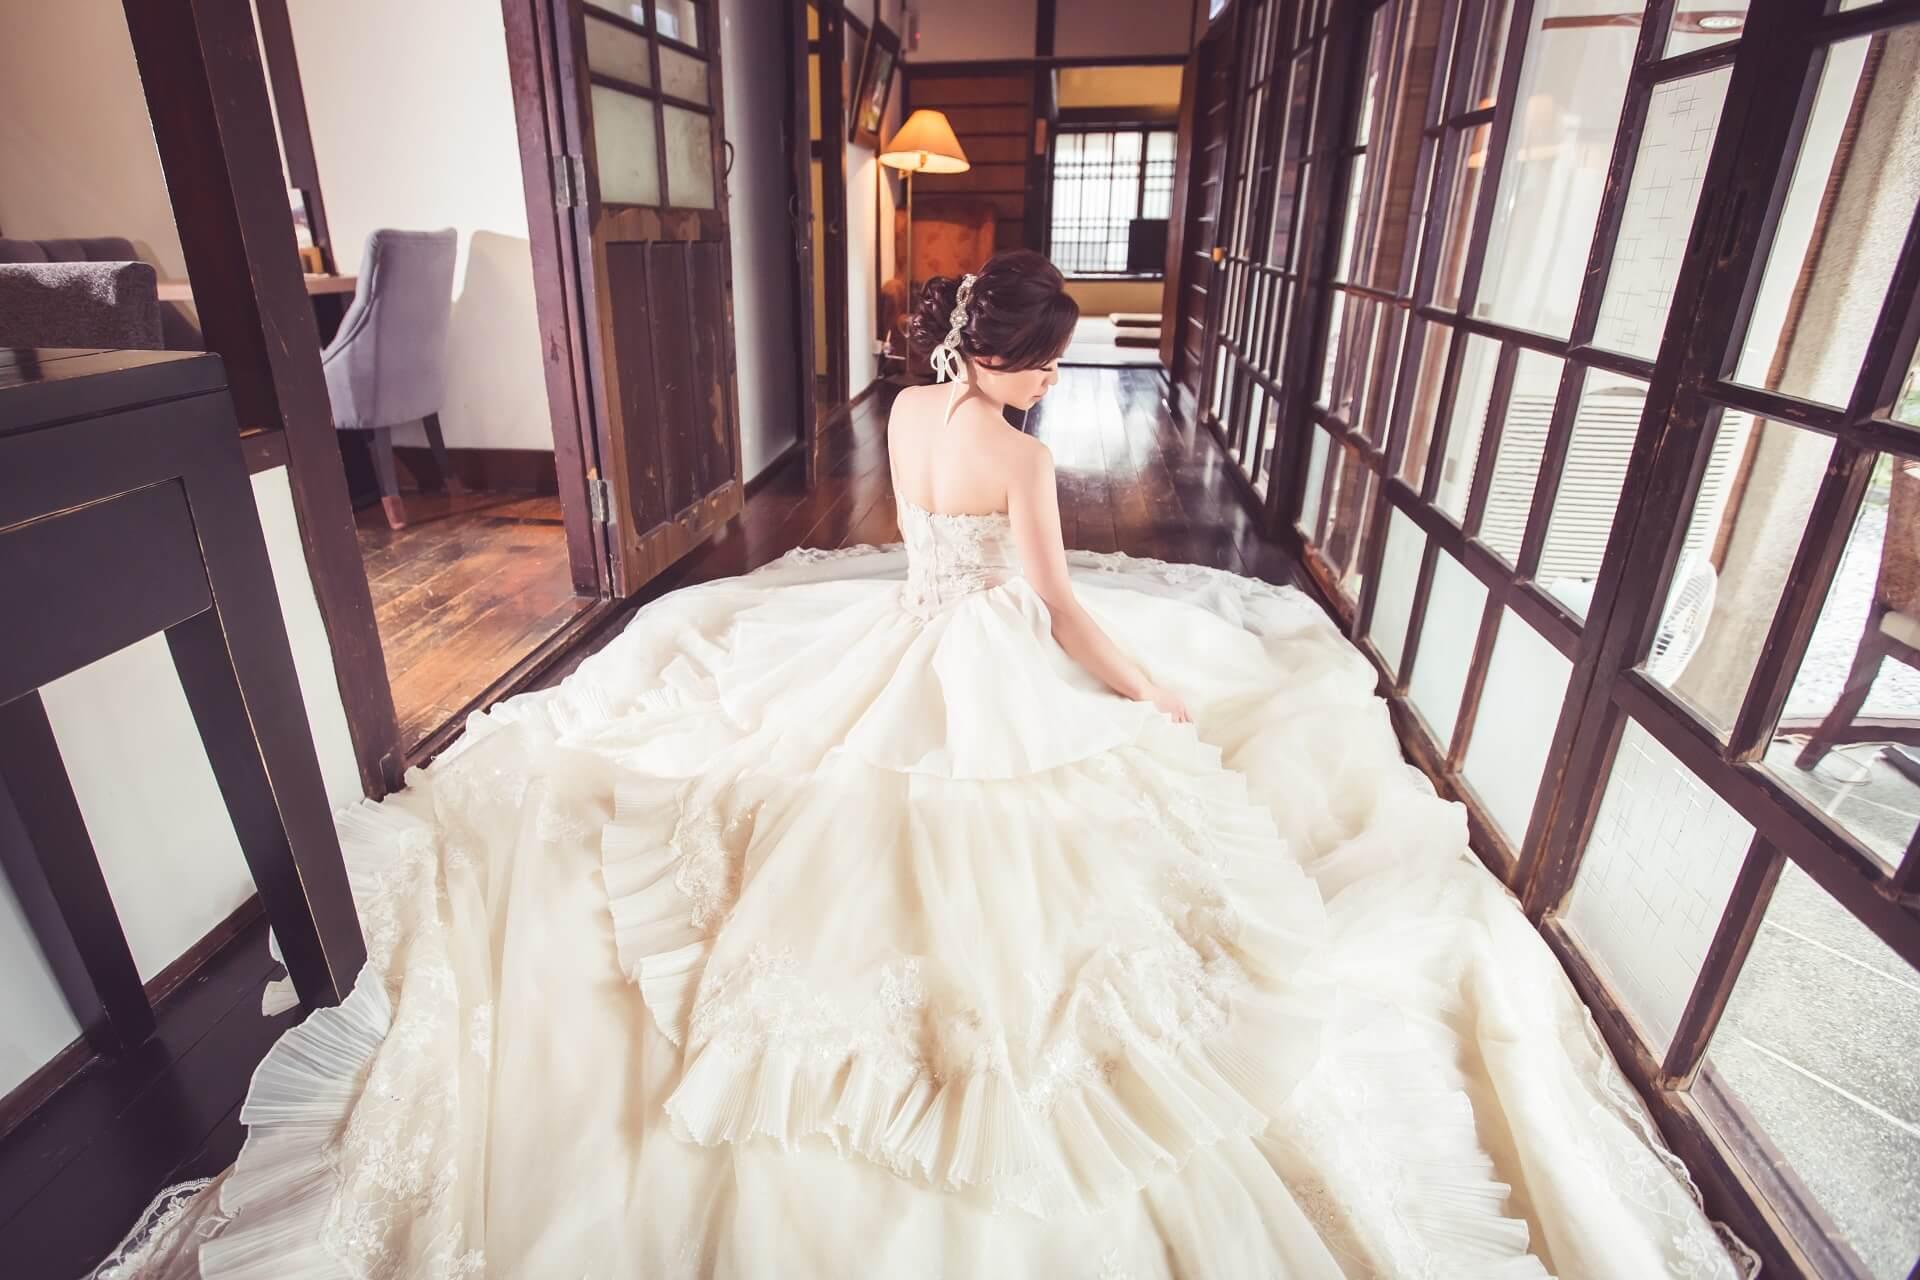 青田七六-私人拍摄-婚纱摄影 (4)